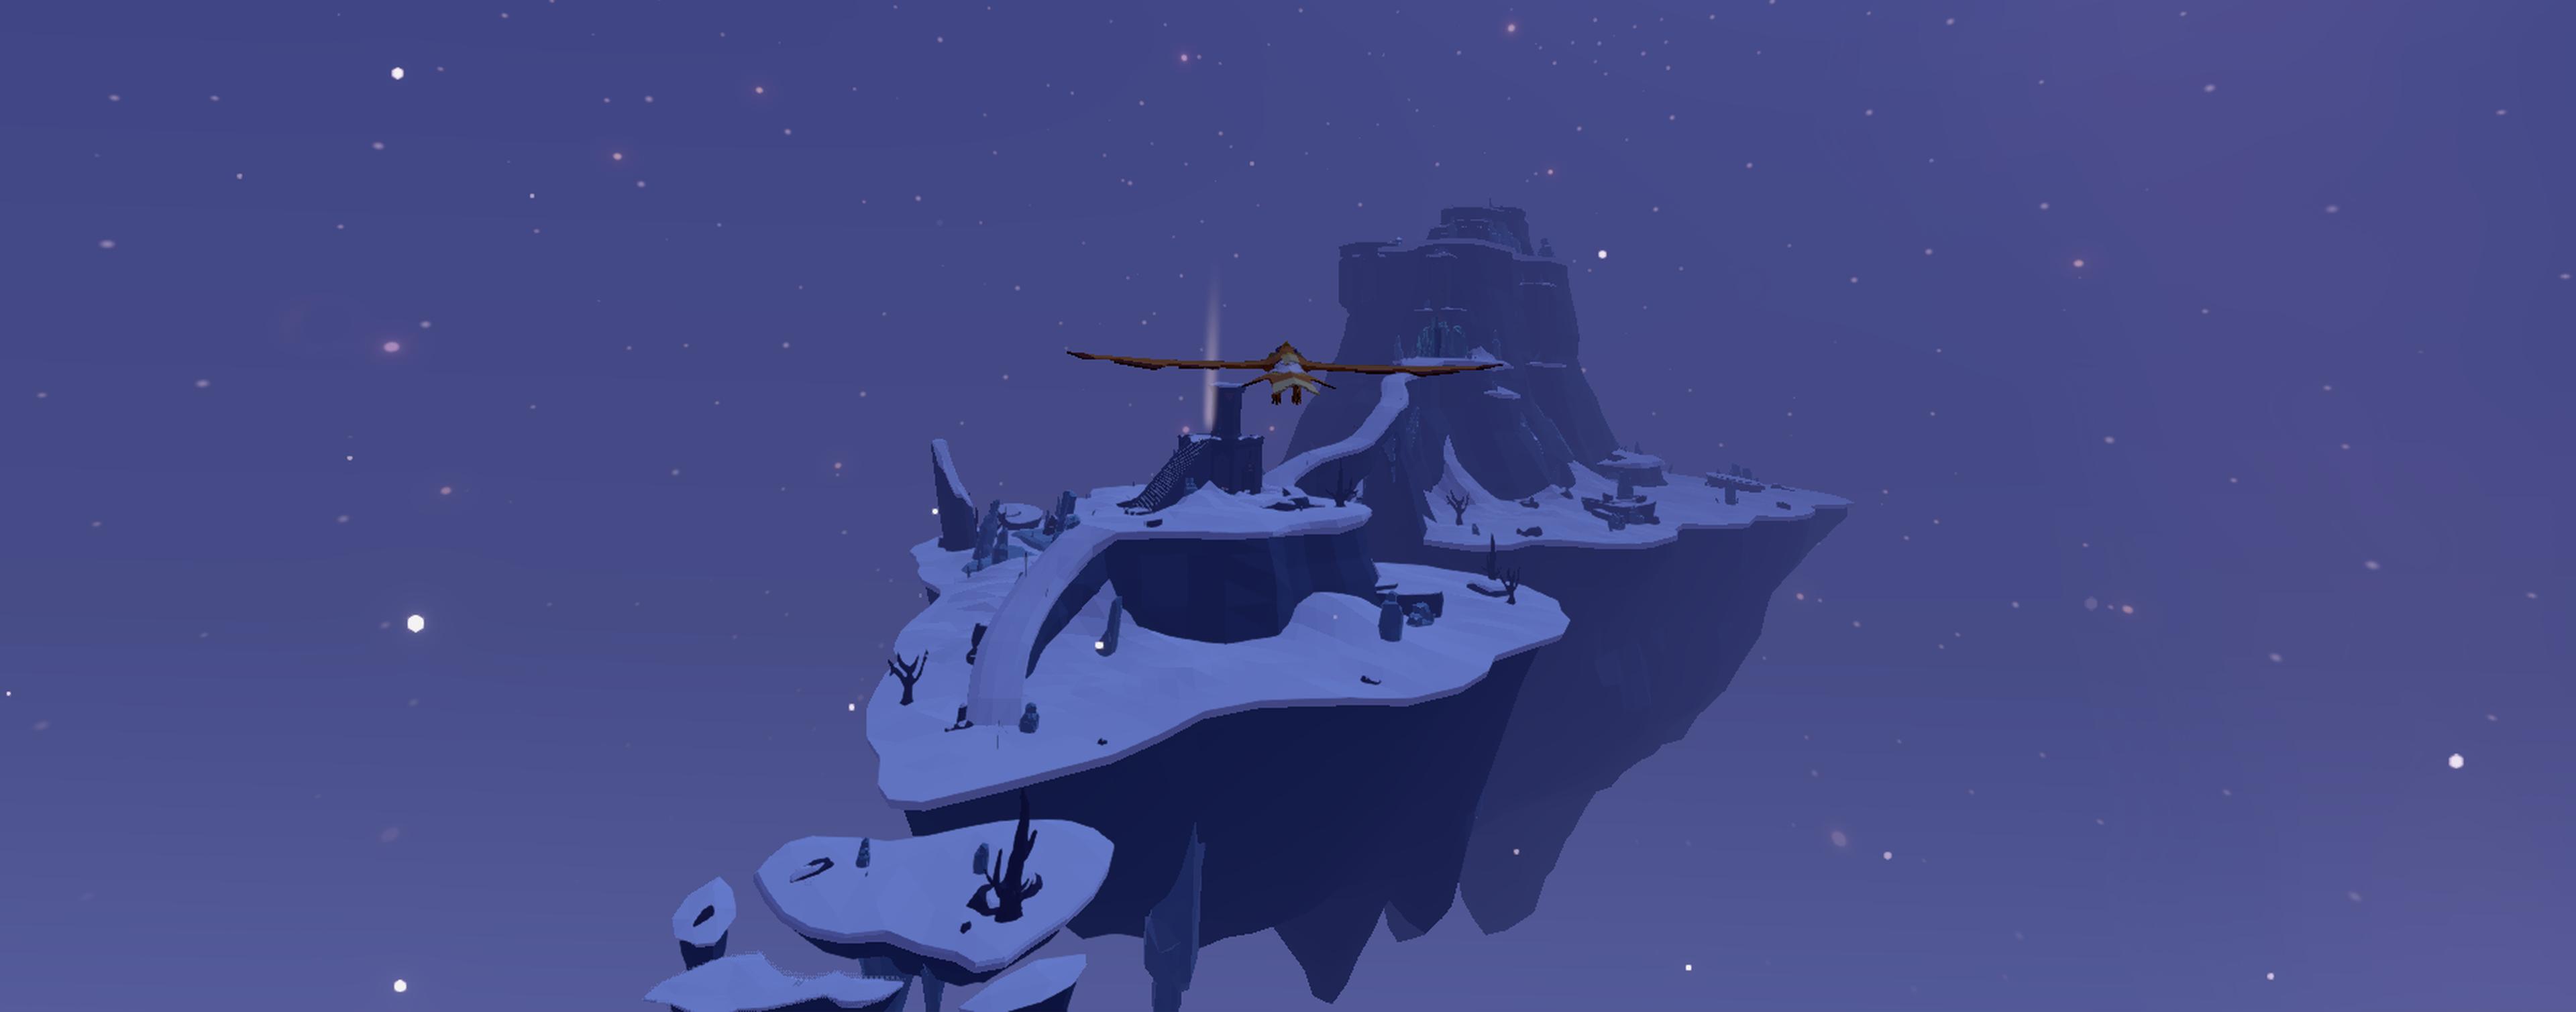 AER - Vogel-Auk im Schneegebiet